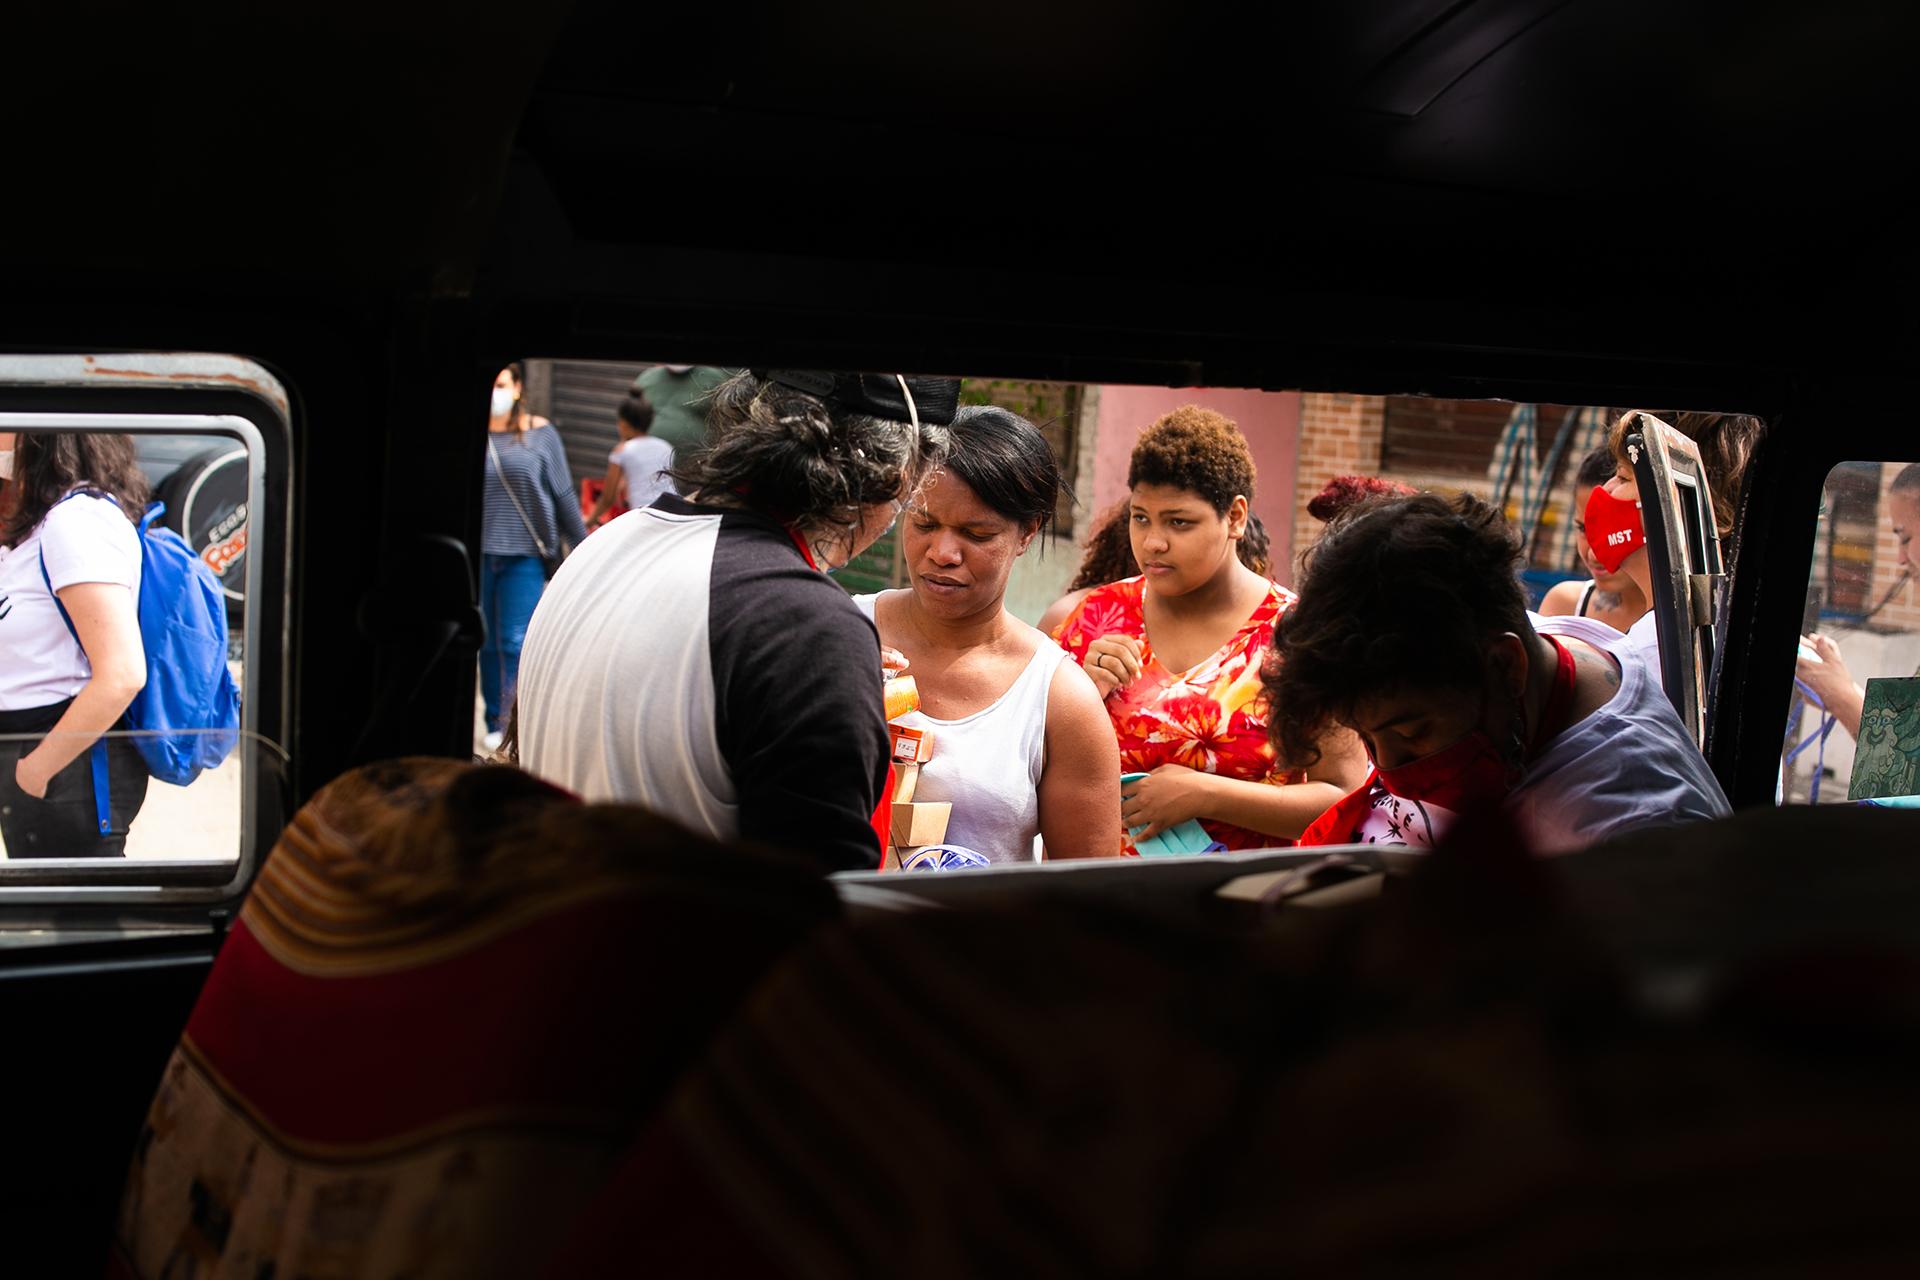 Entrega das marmitas na comunidade Diogo Pires, em São Paulo